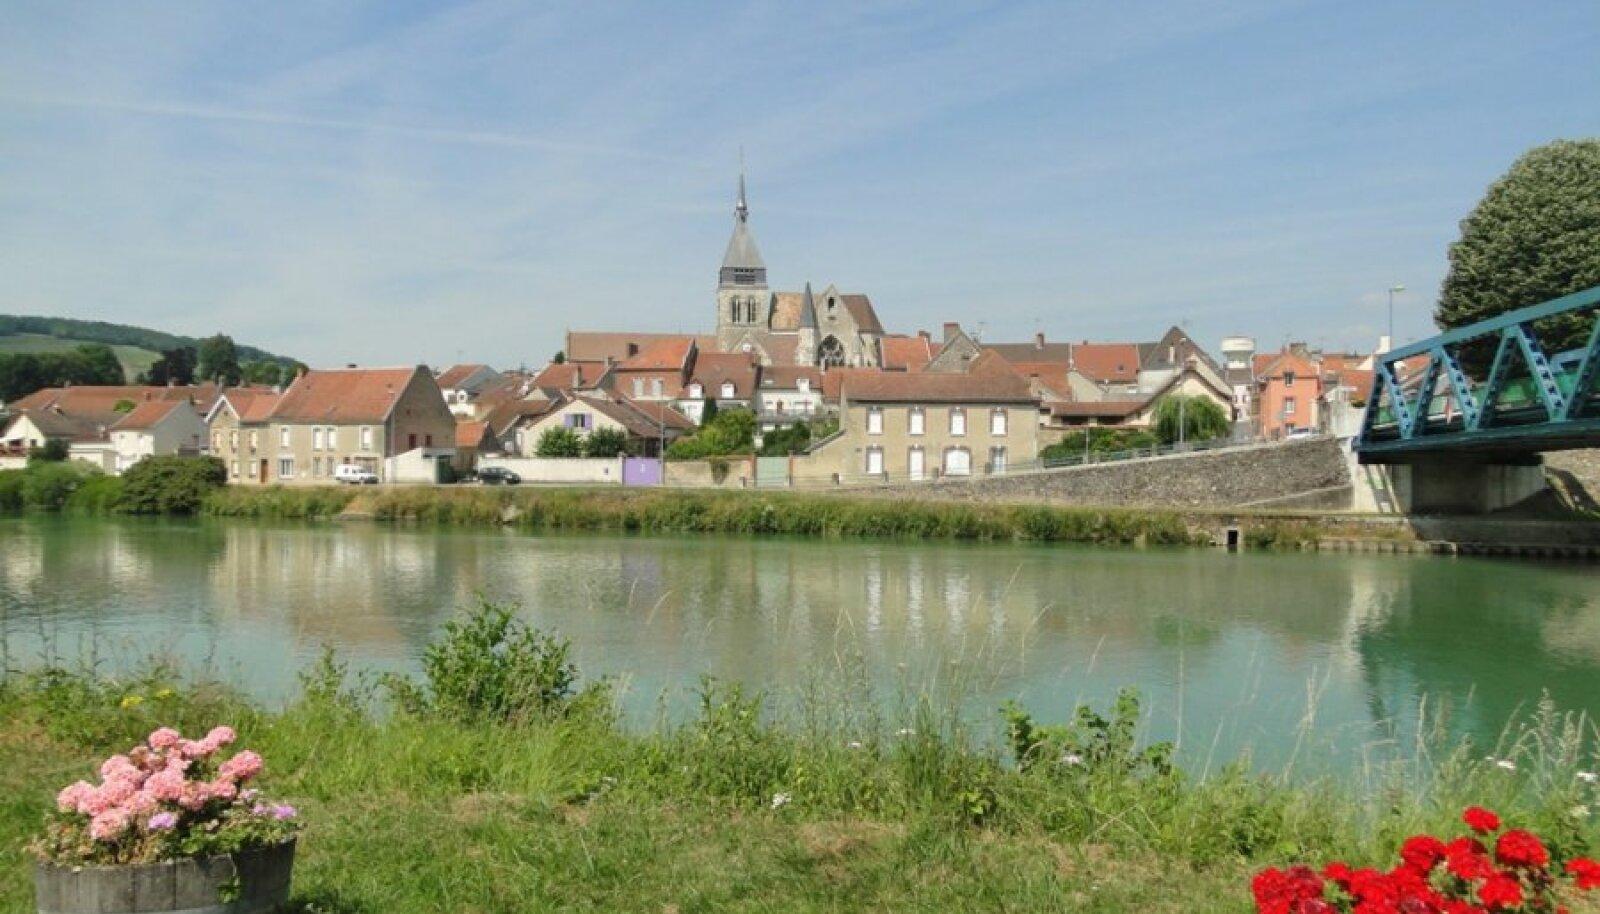 Idülliline väikelinn Marne'i jõe ääres.